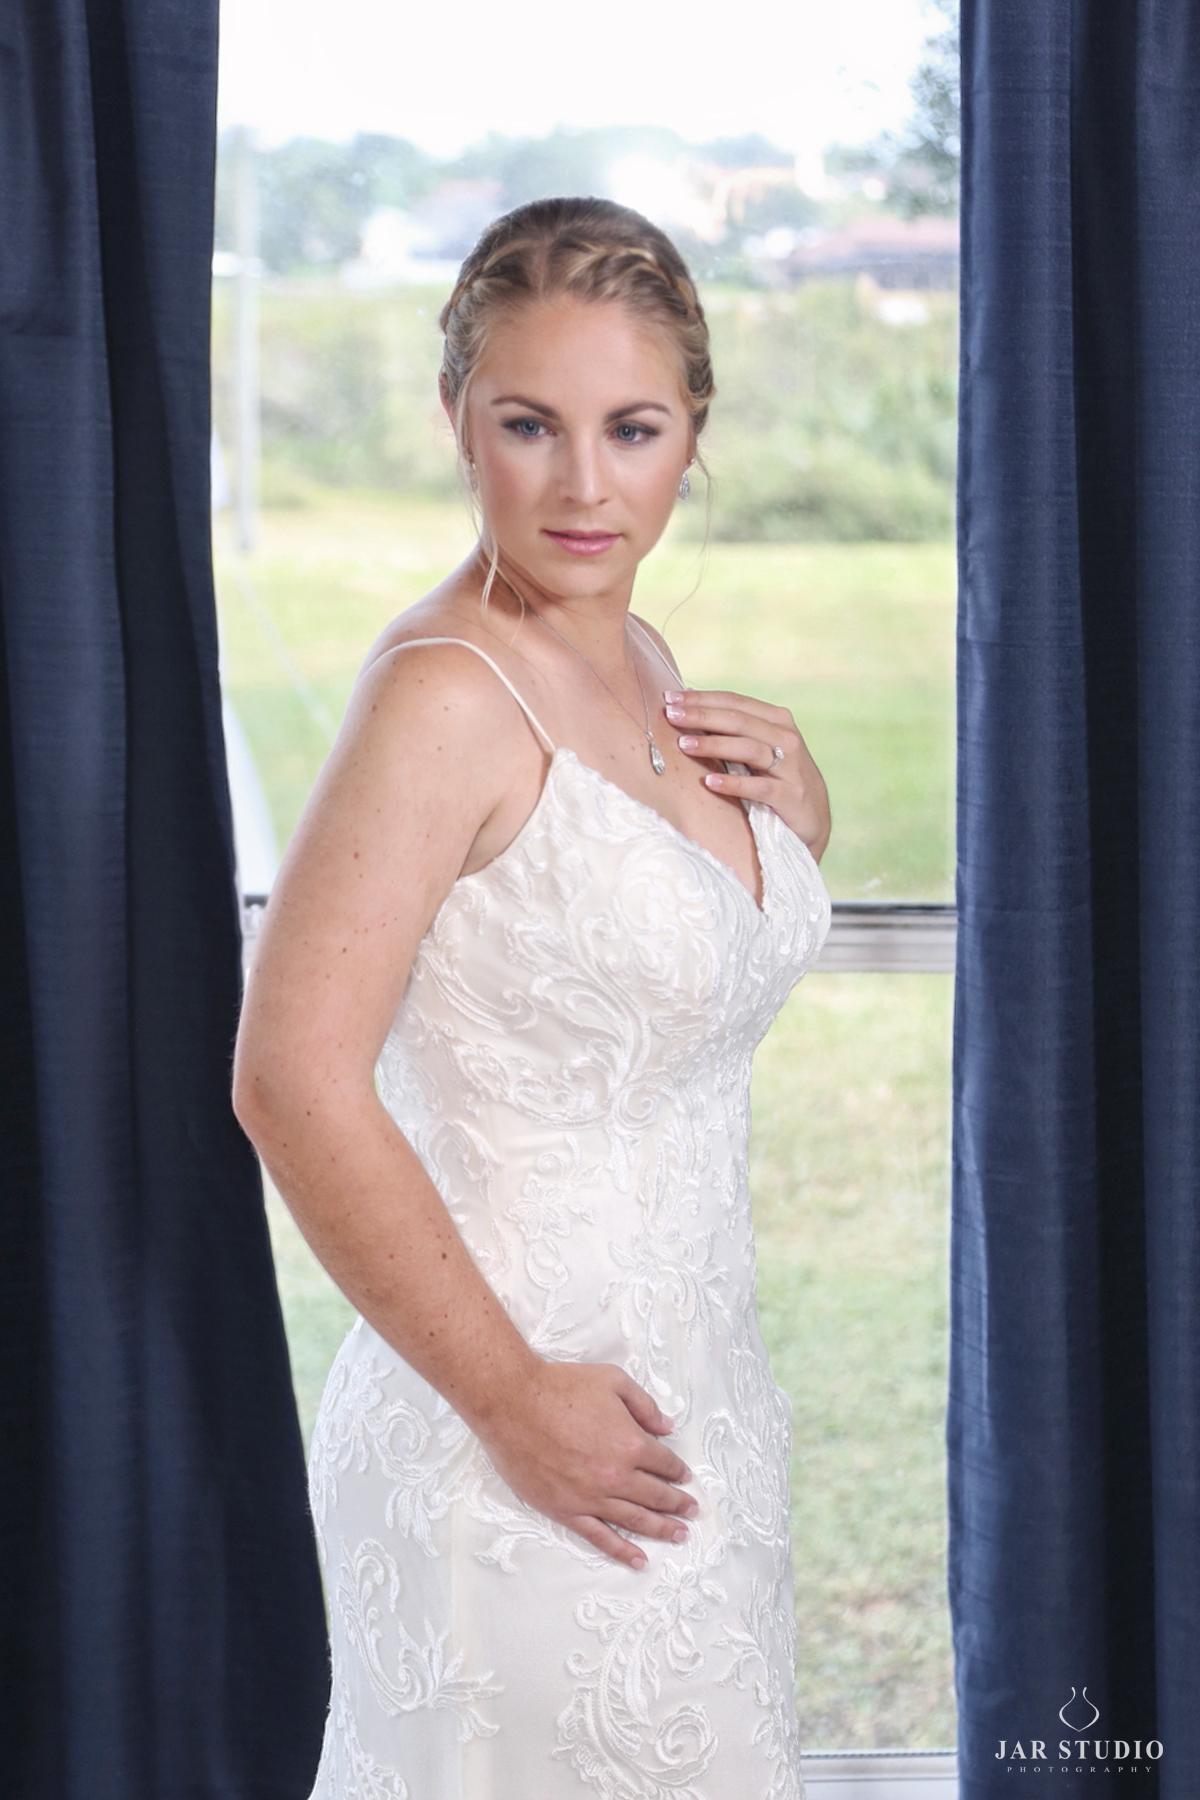 jarstudio-wedding-photographer-082.JPG